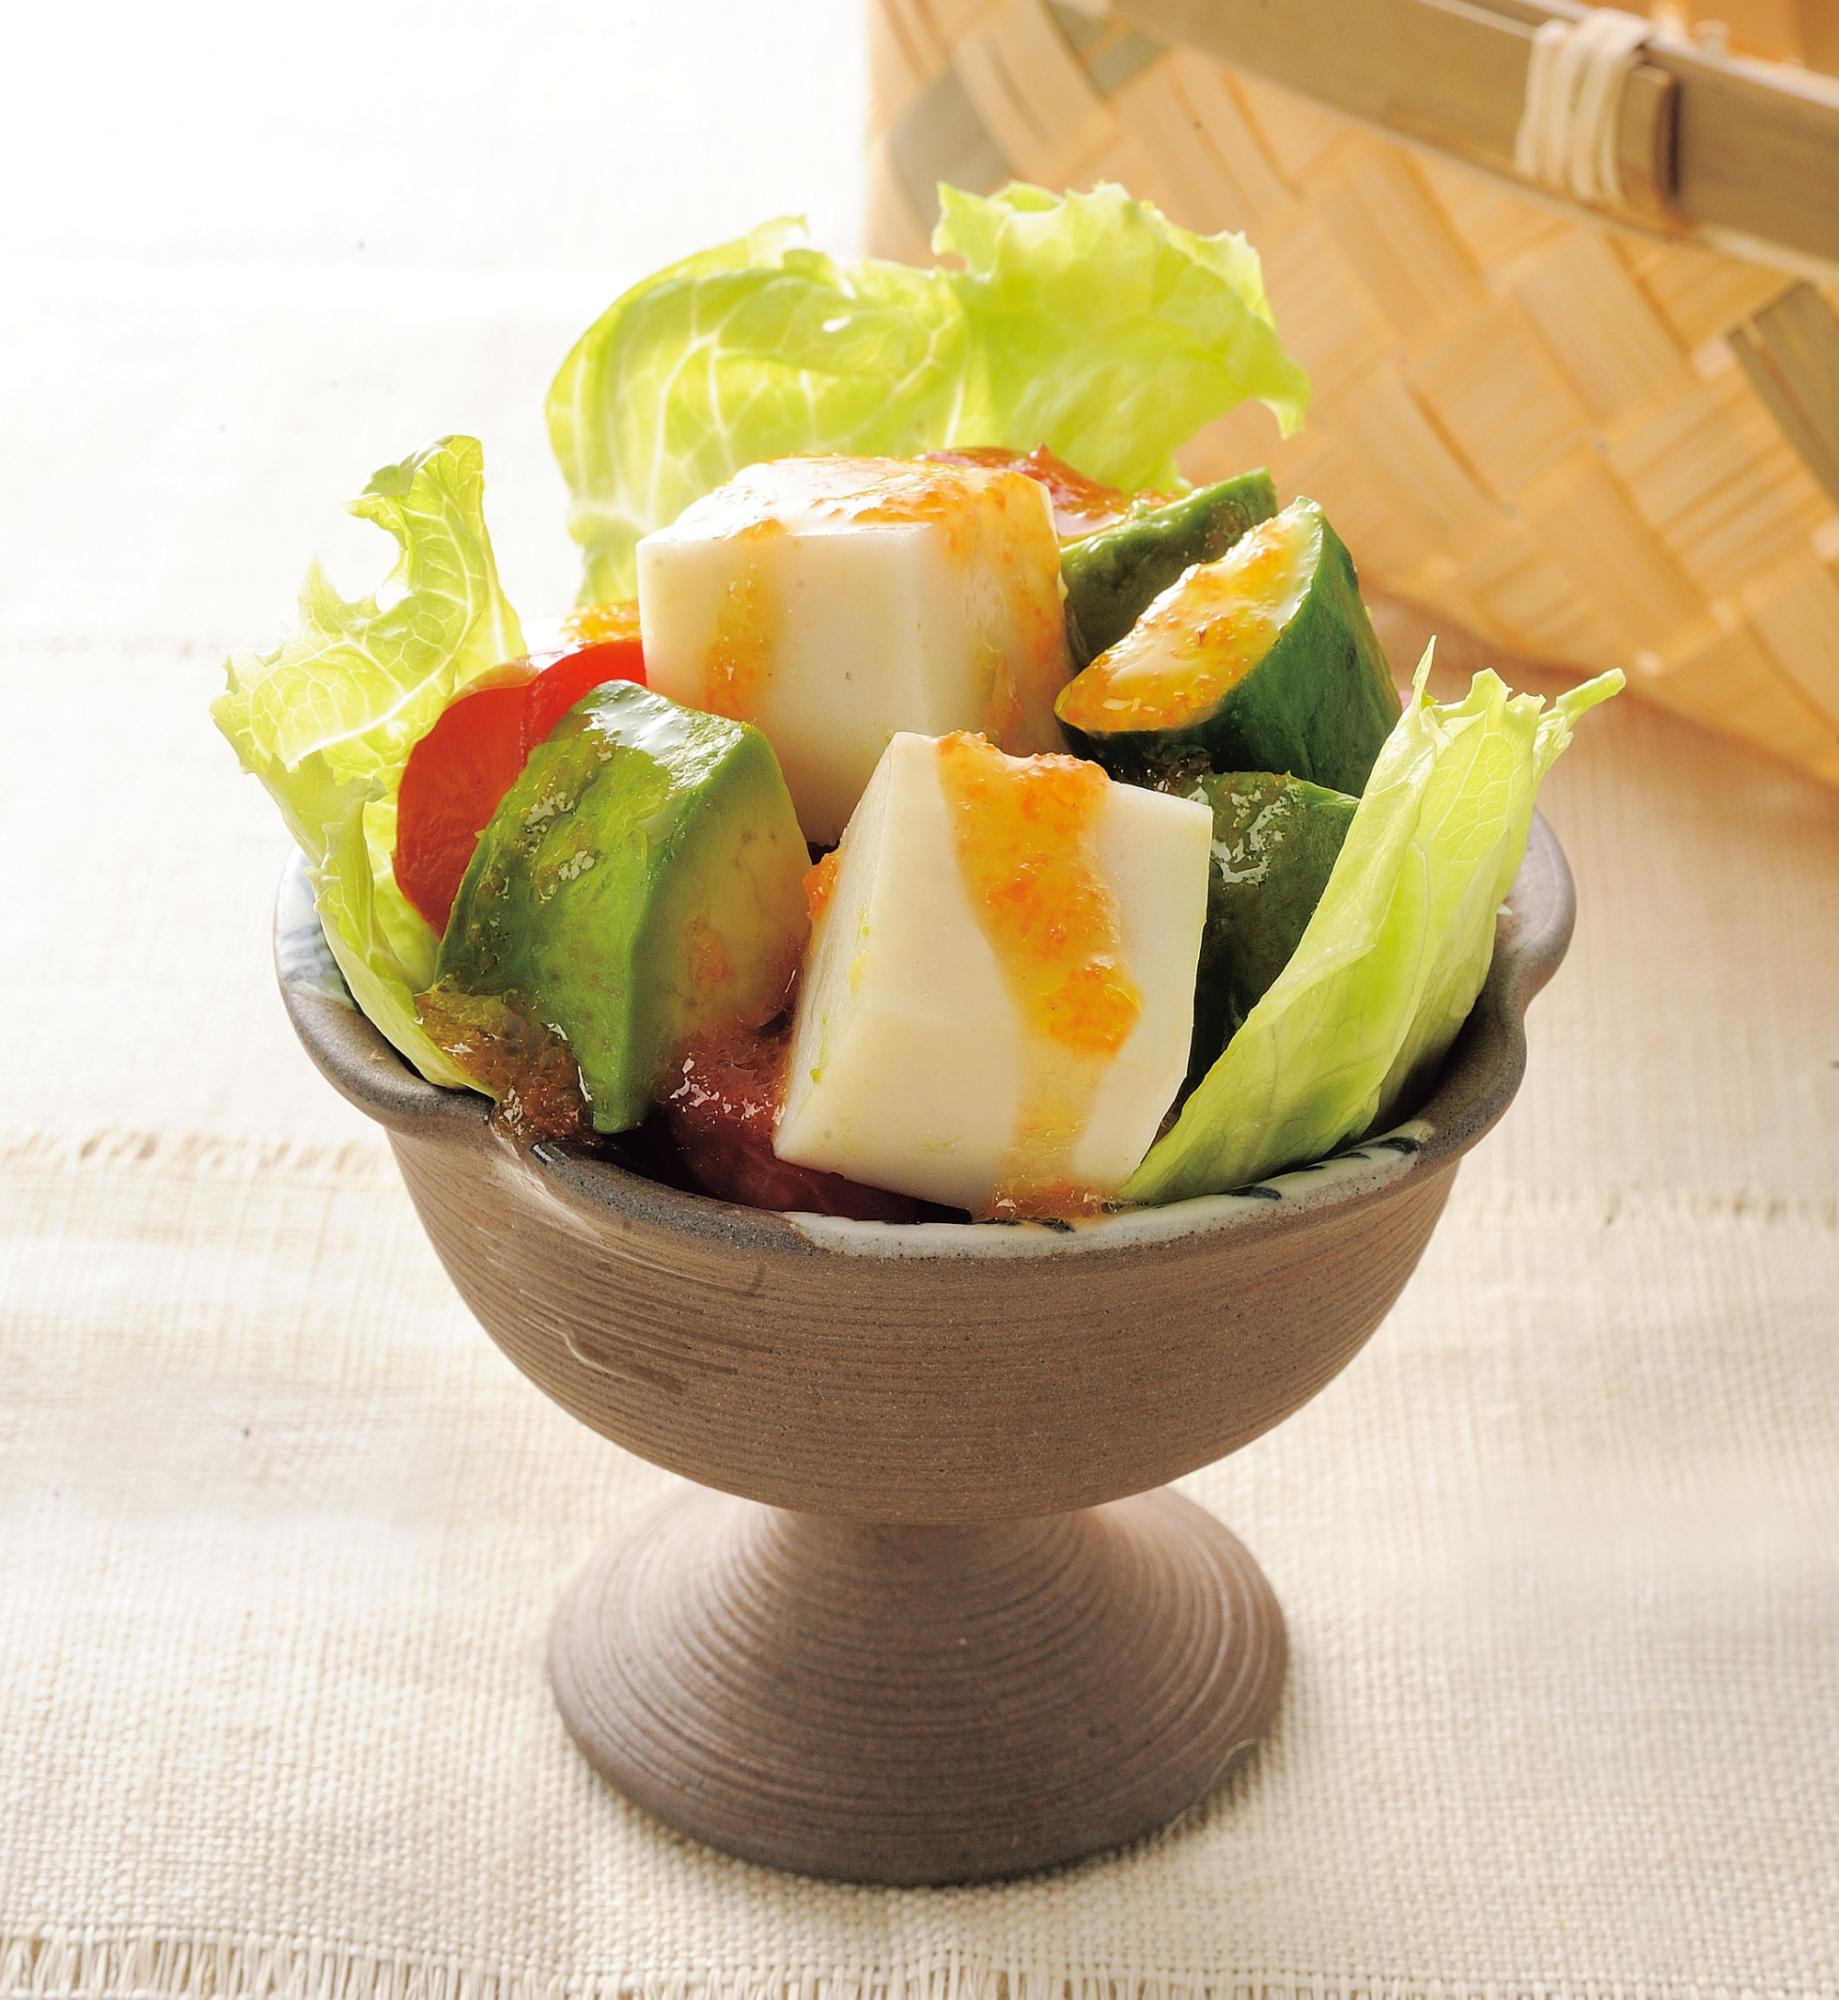 かまぼことアボカドのサラダ